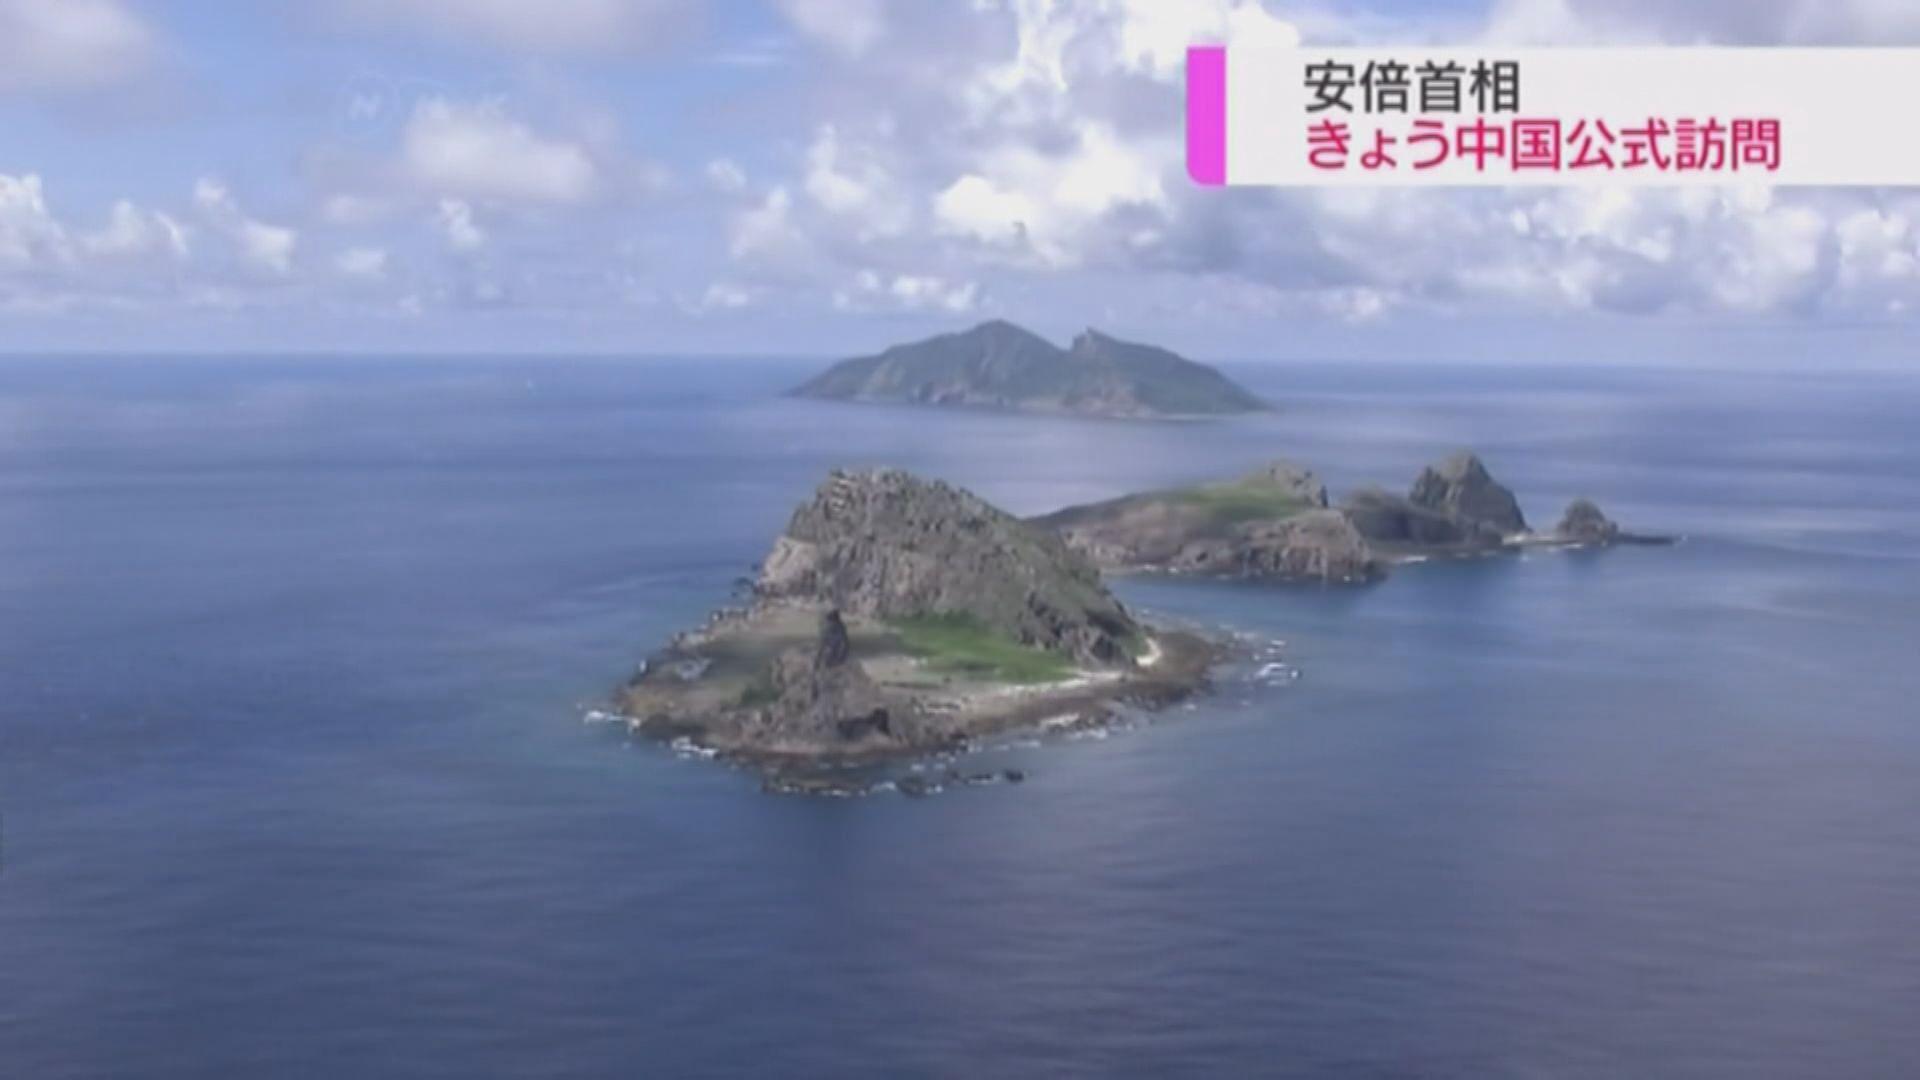 日本石垣市議會通過釣魚島所在行政區域改名